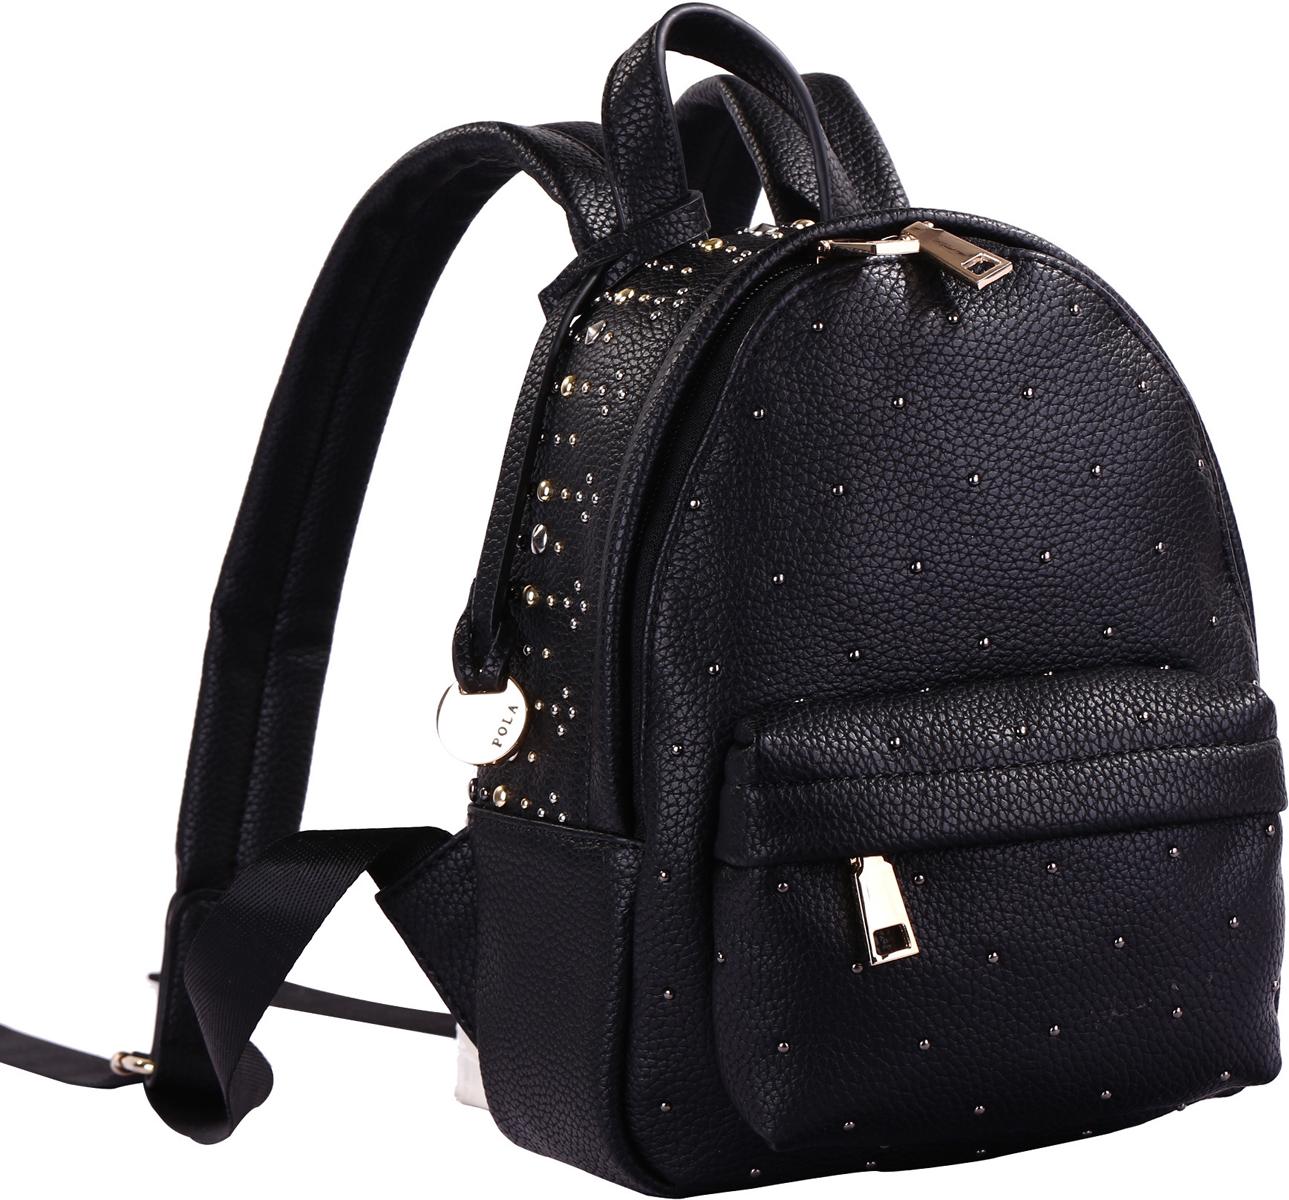 Рюкзак женский Pola, цвет: черный. 74521